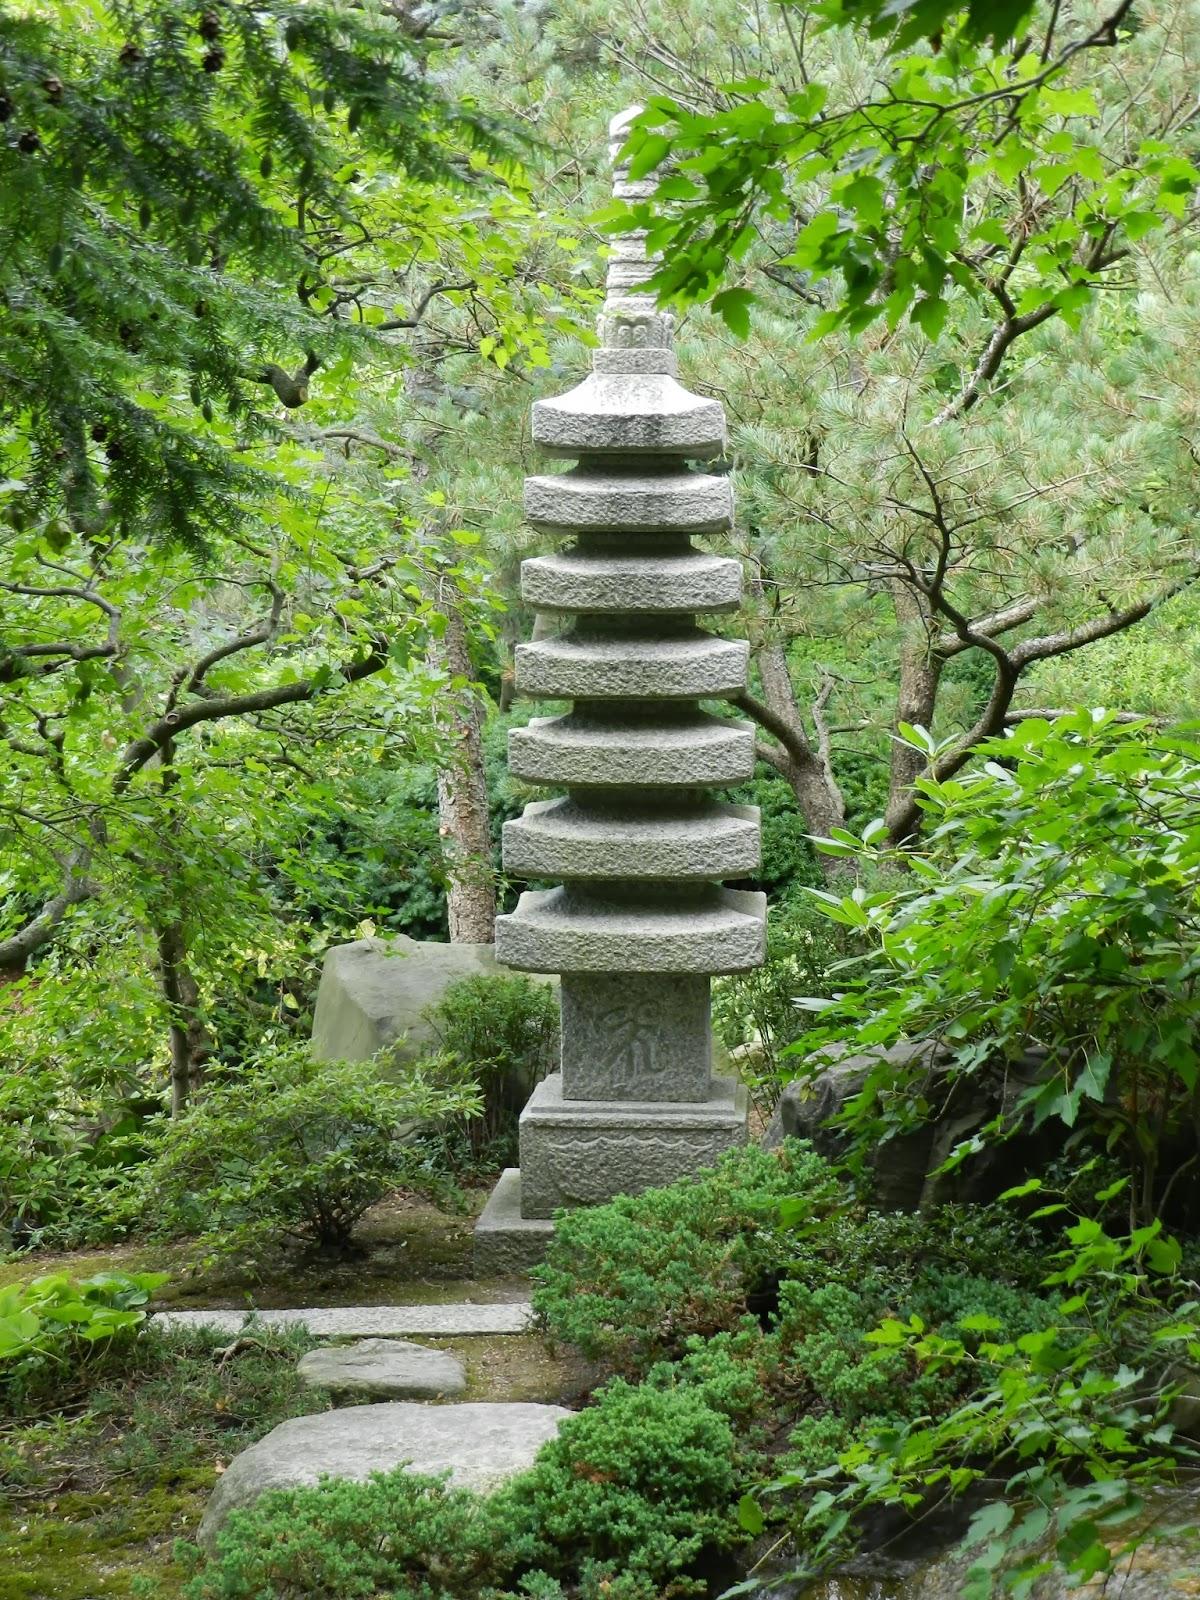 Prairie Rose's Garden: The #1 Japanese Garden In The U.S.?